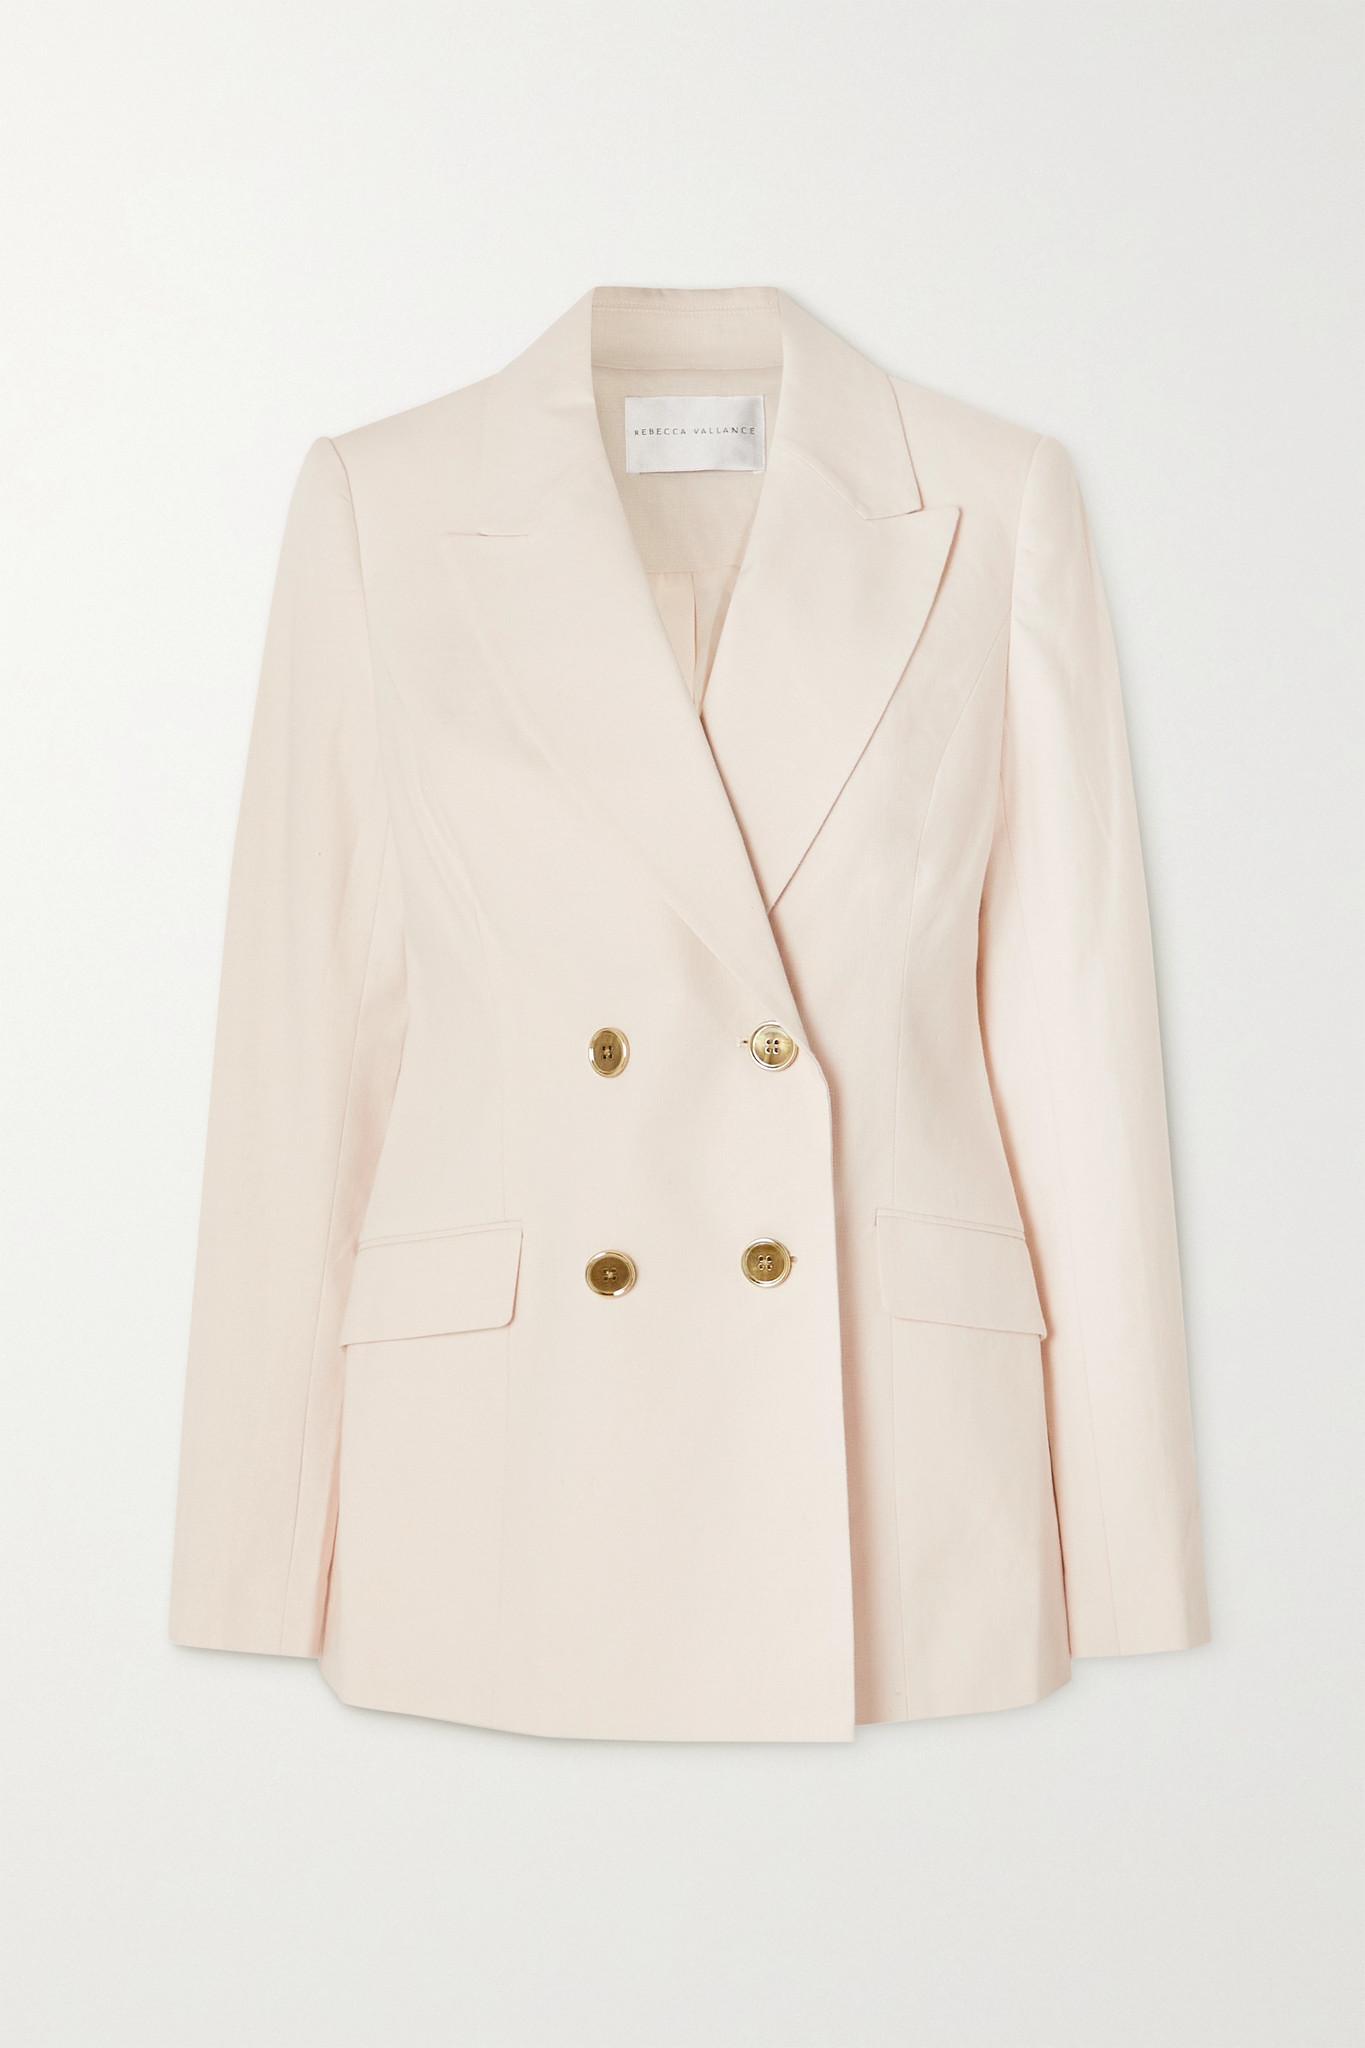 REBECCA VALLANCE - Verano Double-breasted Cotton-blend Blazer - Ivory - UK8